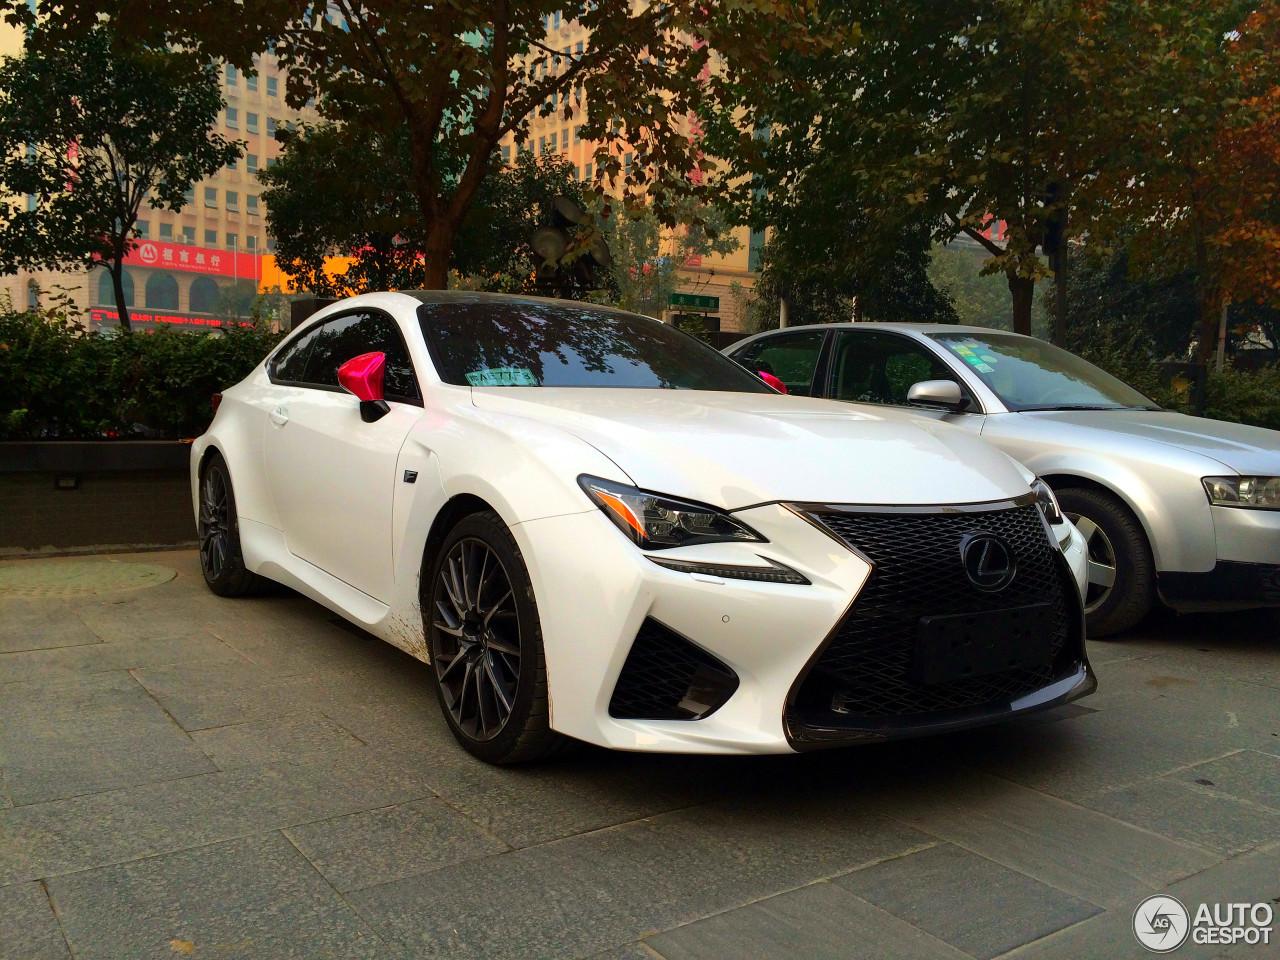 Lexus Rc F 21 November 2014 Autogespot